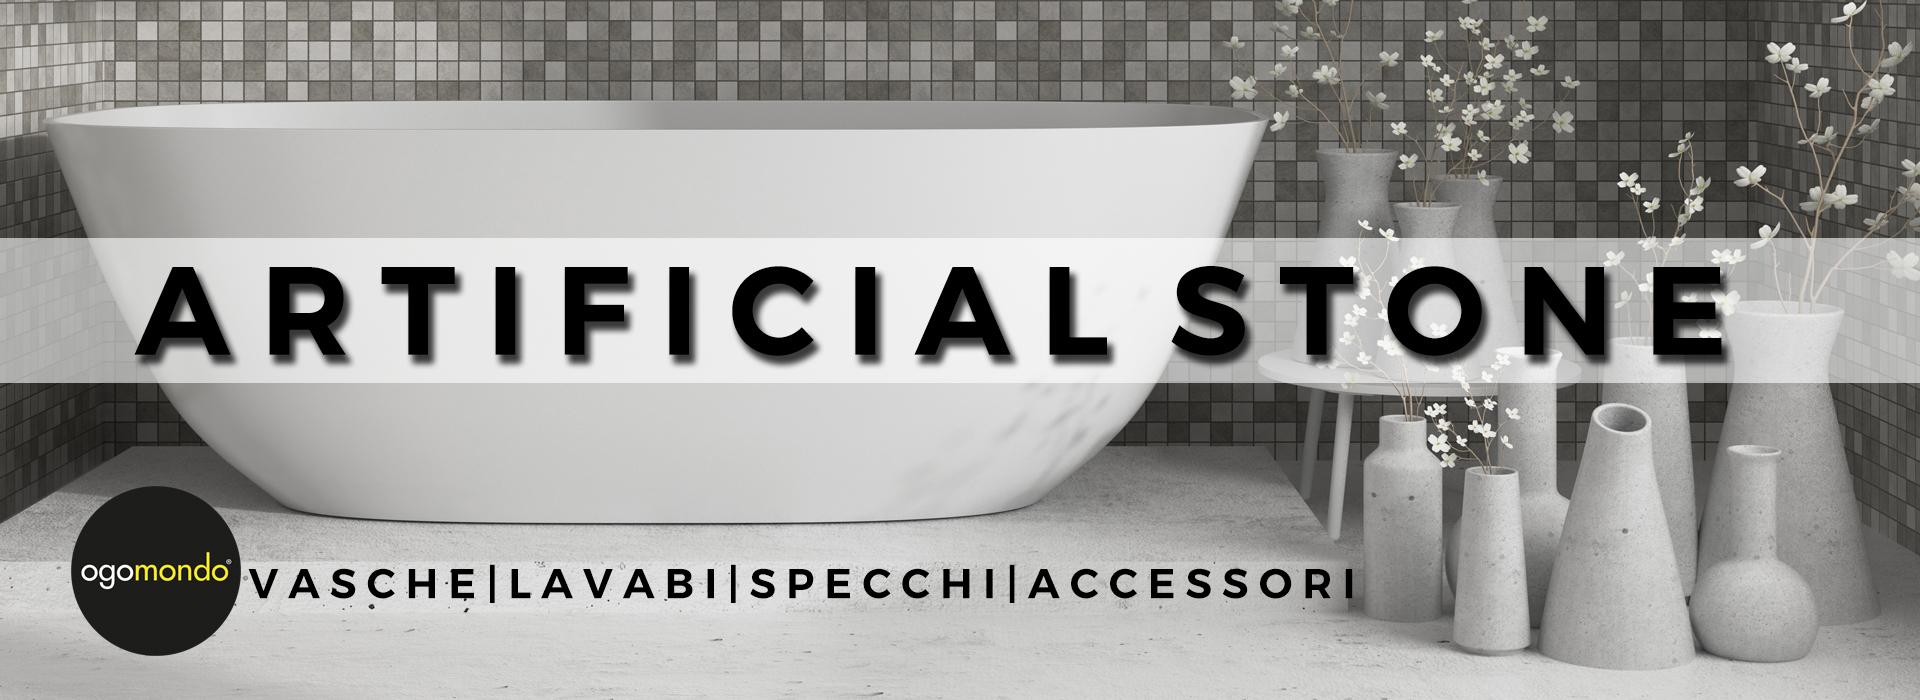 accessori arredi artificial stone, marmo artificiale, pietra artificiale